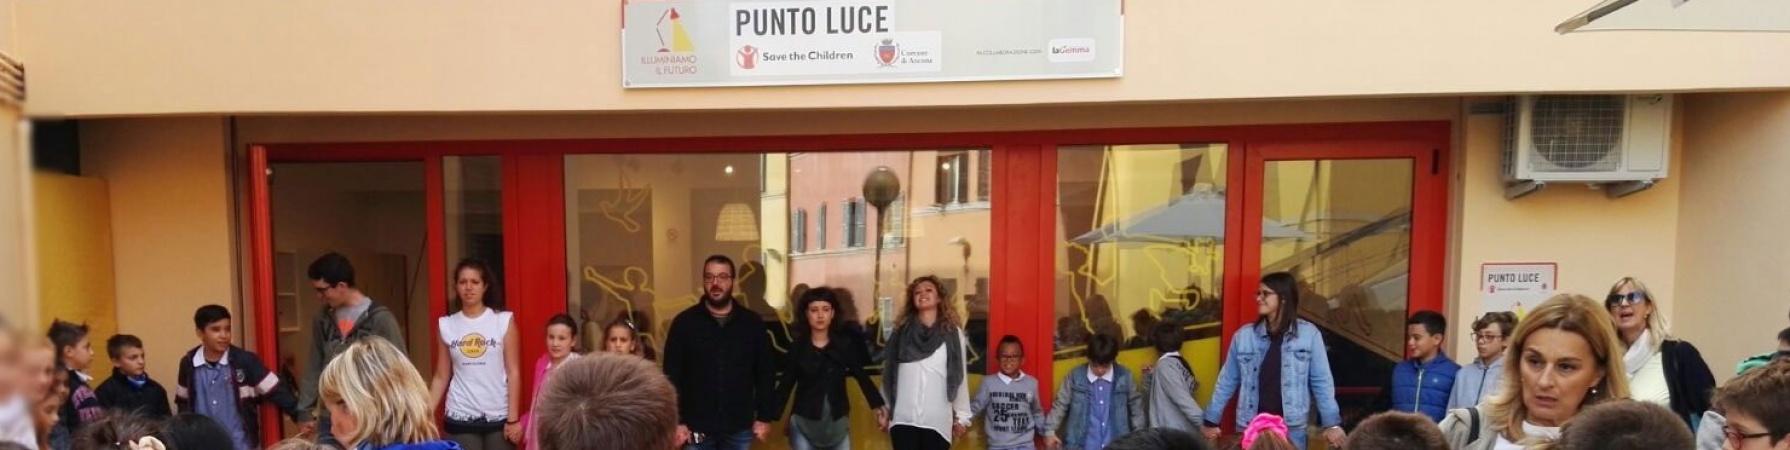 Gruppo di ragazzi davanti al Punto Luce di Ancona